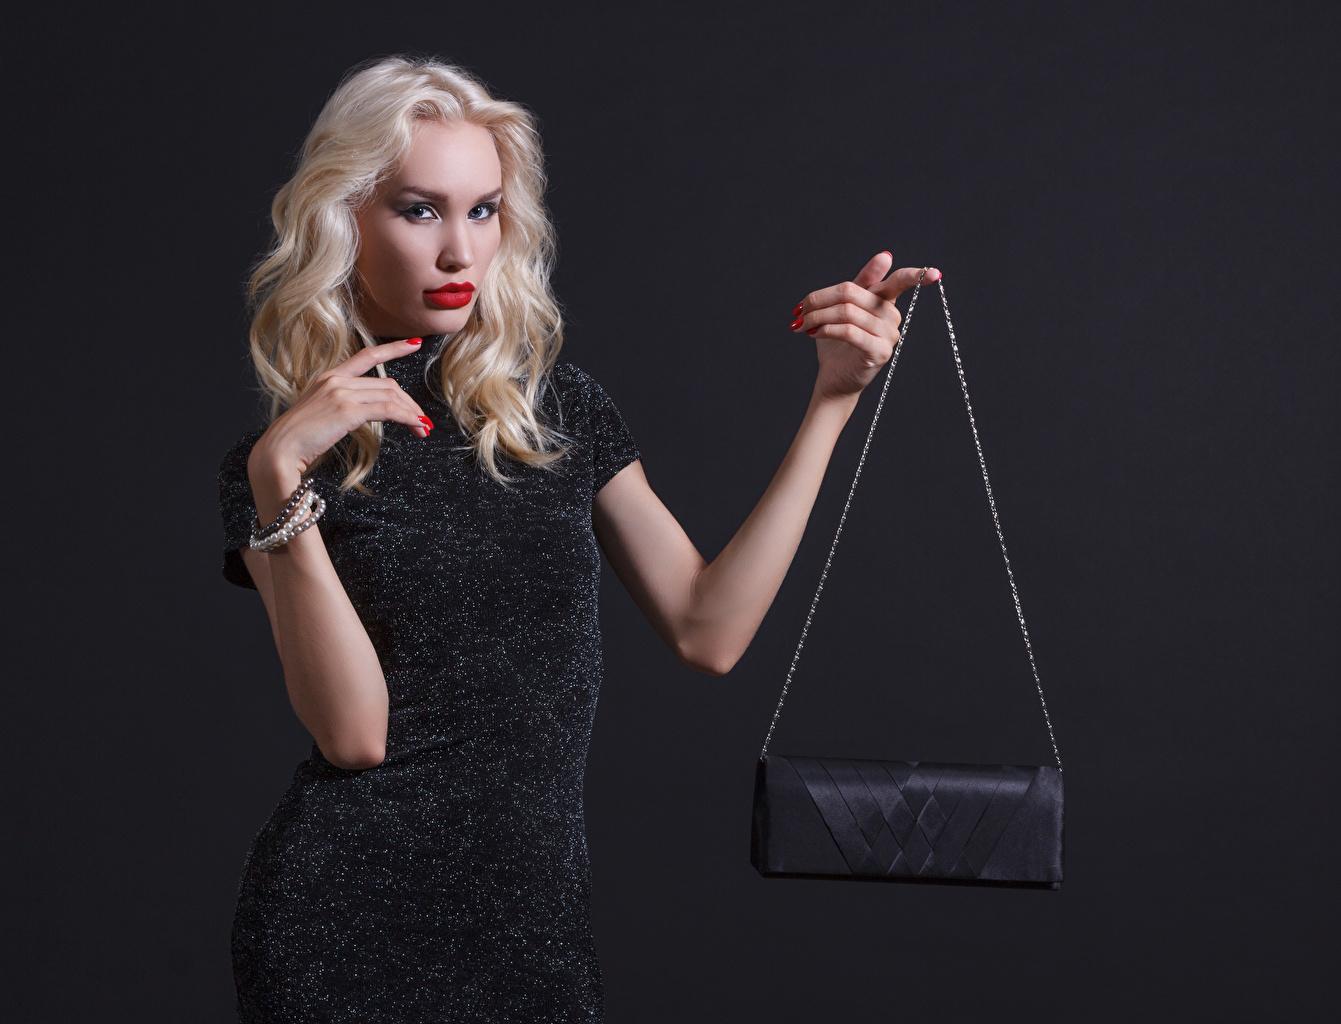 Картинки блондинок Девушки рука Сумка смотрит Серый фон платья Блондинка блондинки девушка молодые женщины молодая женщина Руки Взгляд смотрят сером фоне Платье